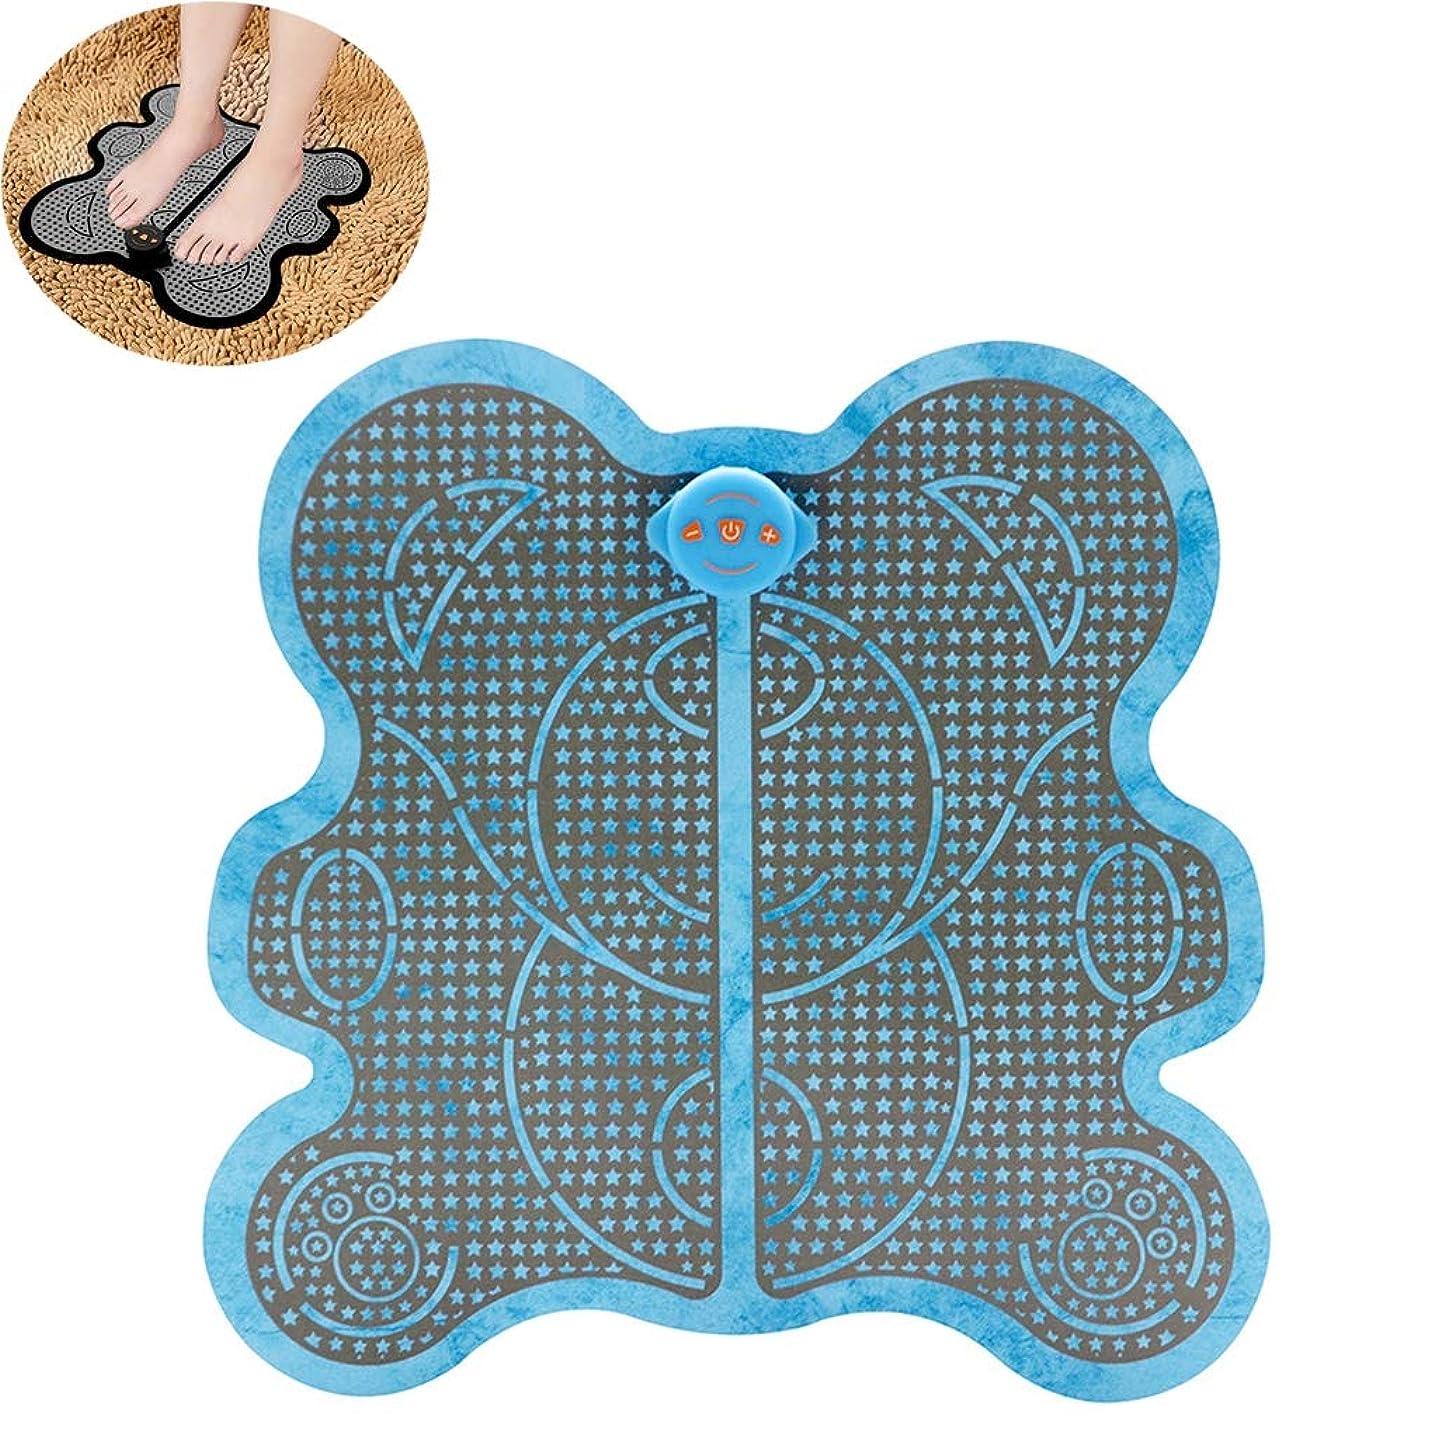 セットする拮抗洗う足のマッサージャーの低頻度の脈拍EMS足のマッサージのクッションEMS理性的な理学療法のマッサージの器械,Blue